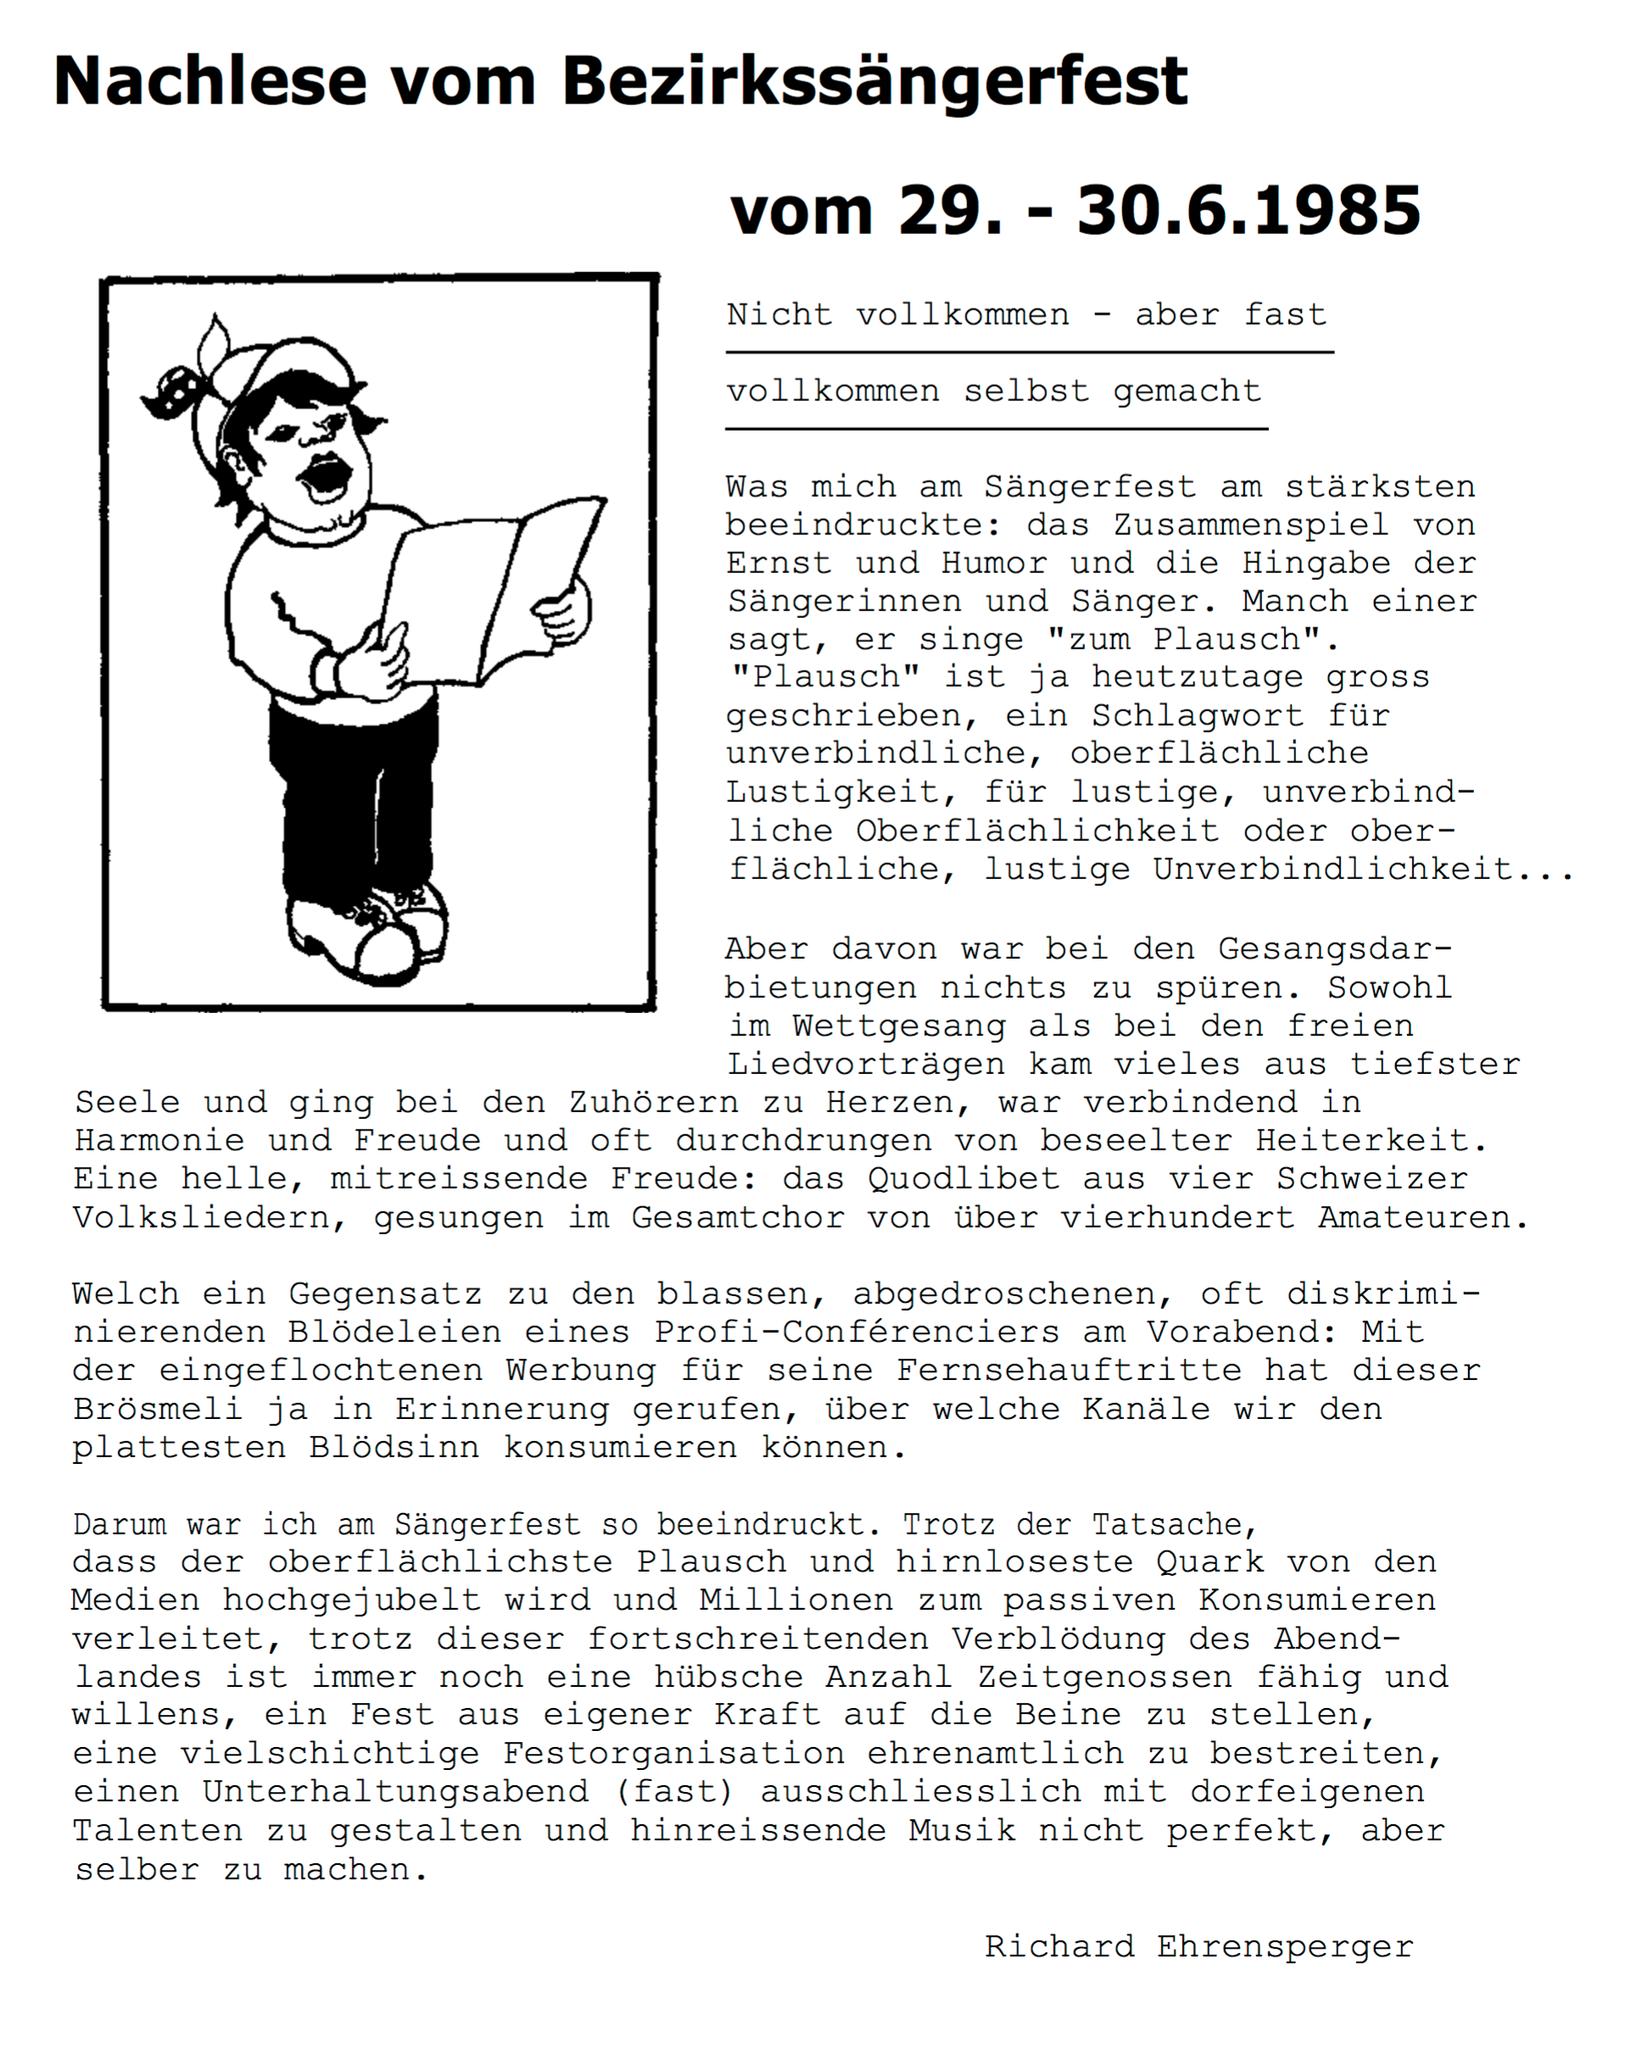 Nachlese von Richard Ehrensperger in der BOZY 3/85